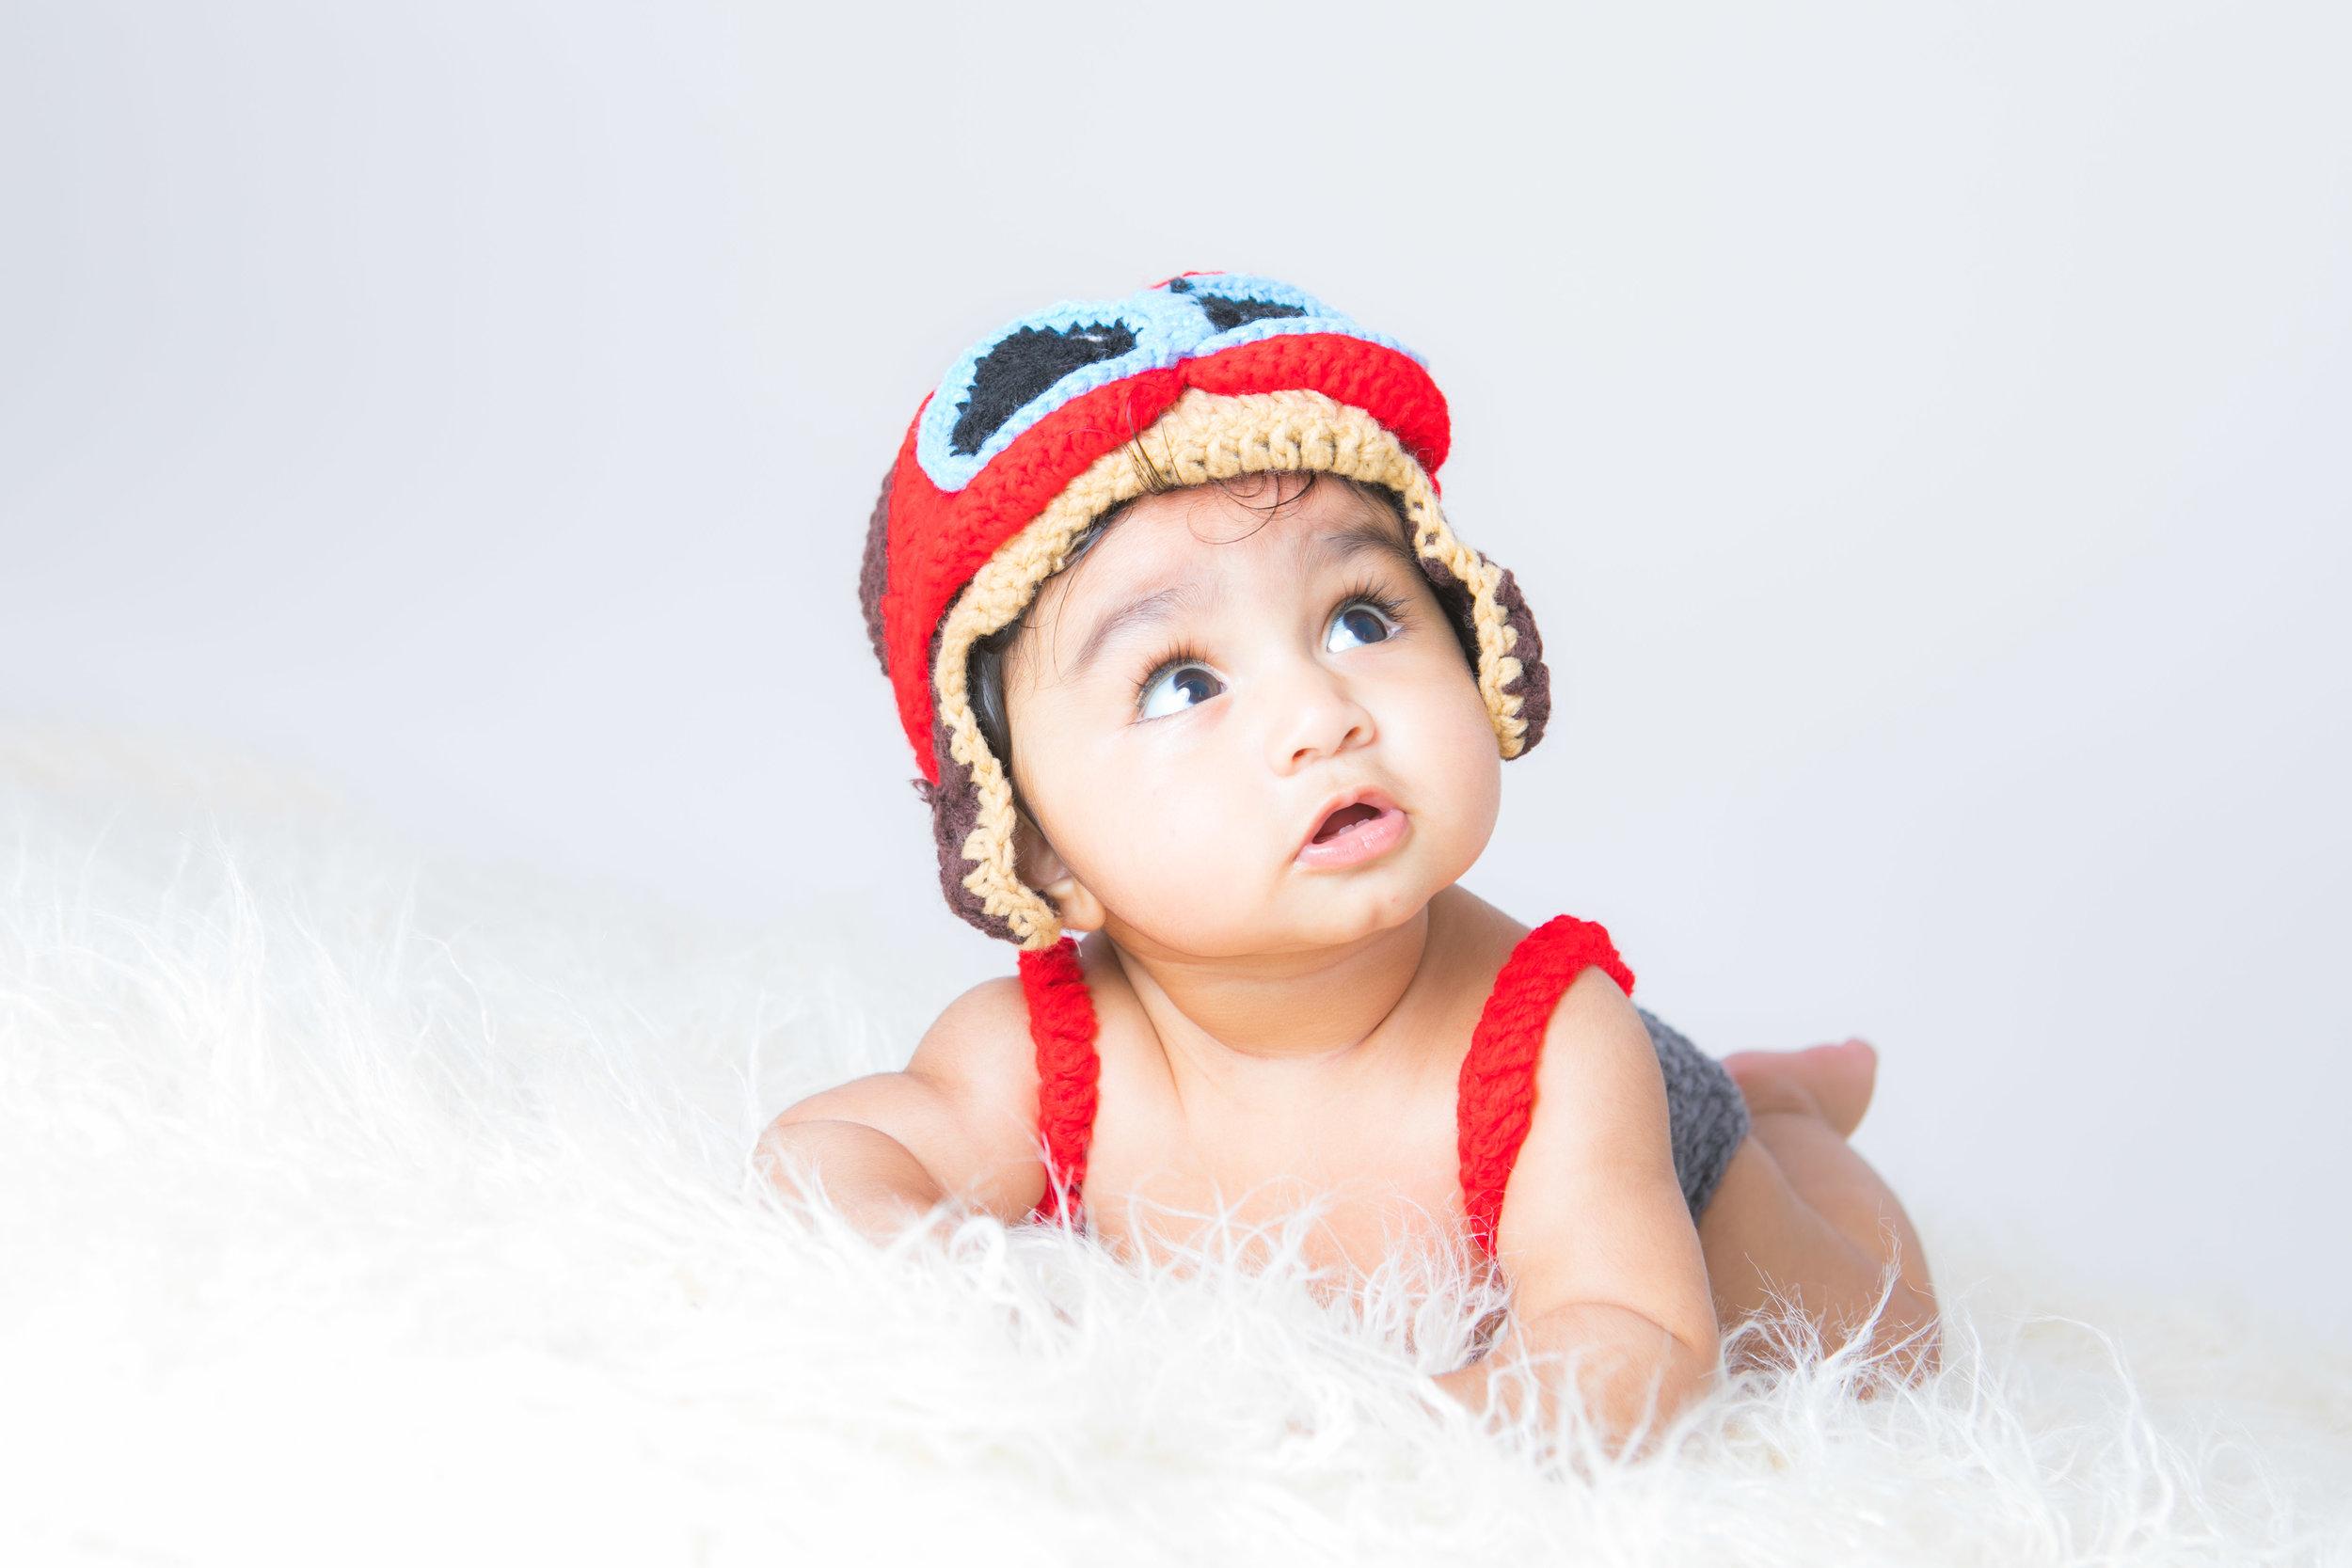 ANAV - BABY SHOOT